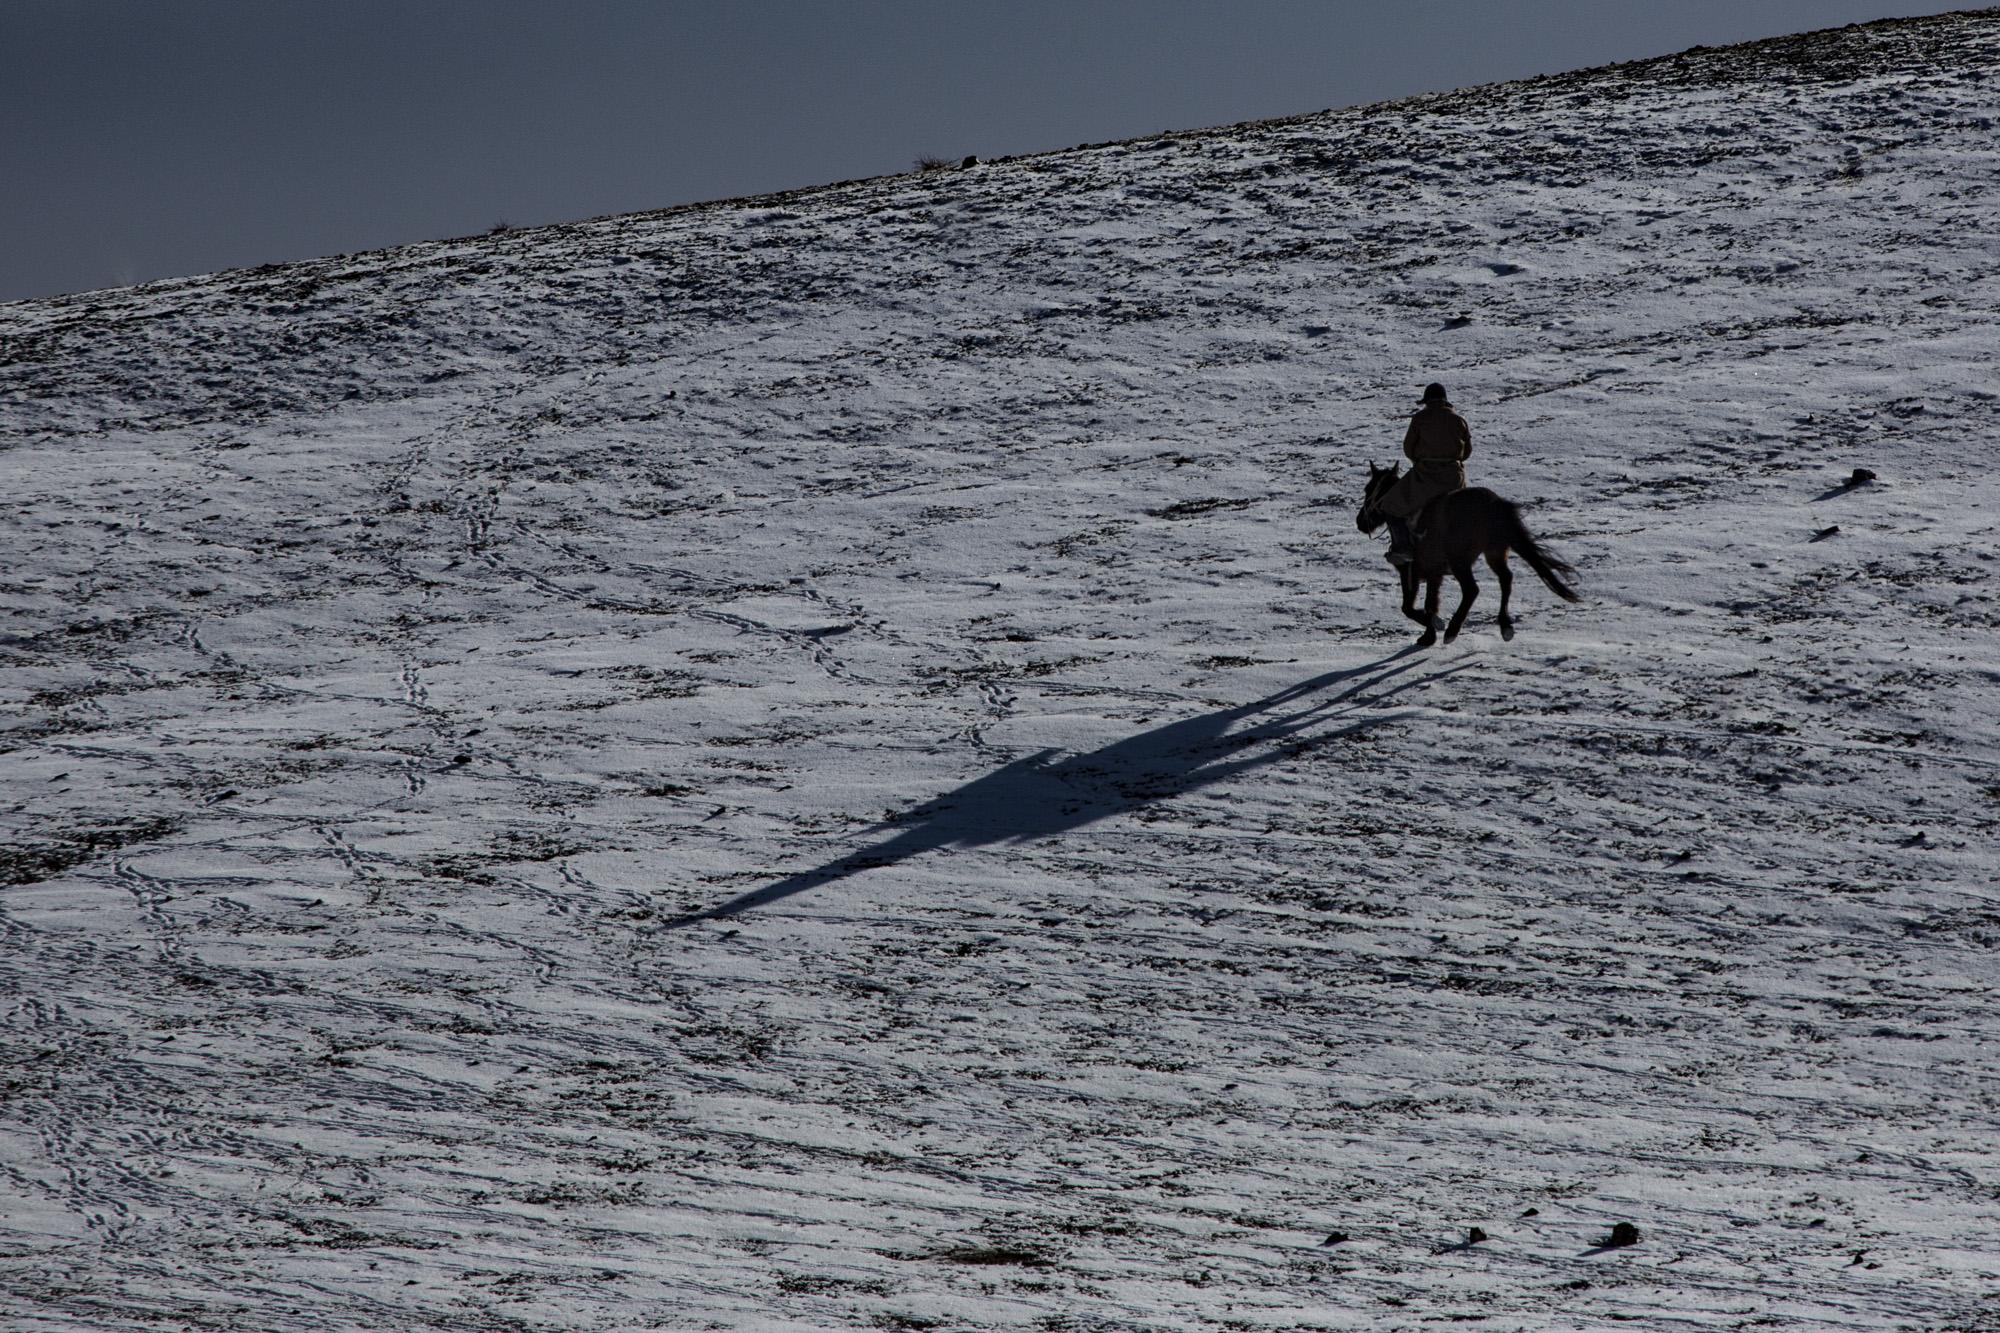 Reiter im Schnee, Südgobi, Mongolei